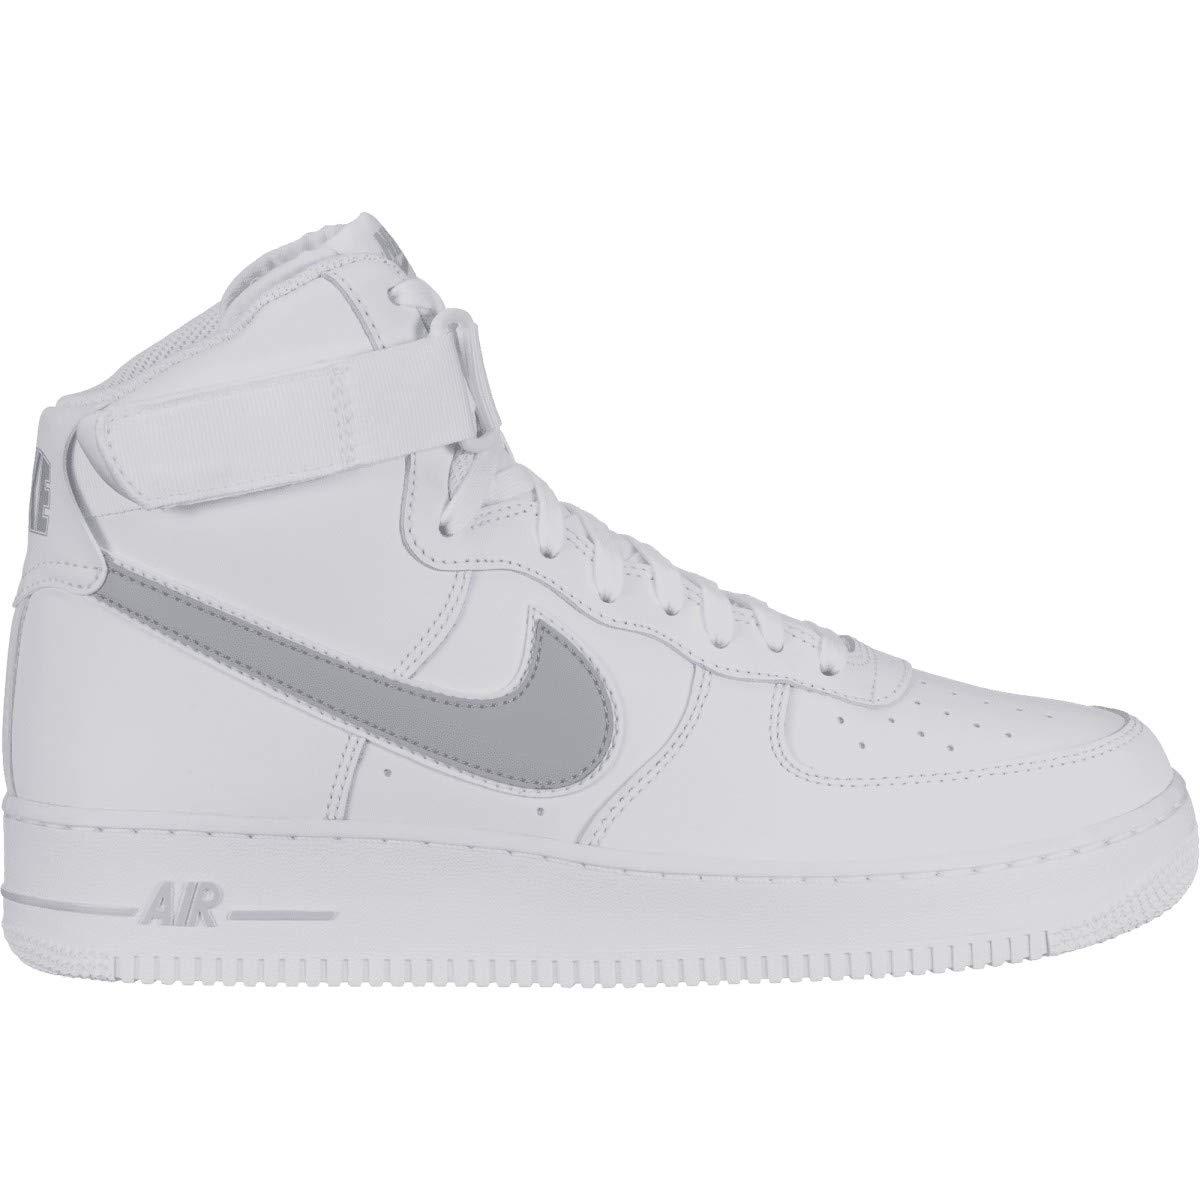 Nike Herren Air Force 1 High '07 3 Basketball Turnschuhe, Weiß Wolf grau